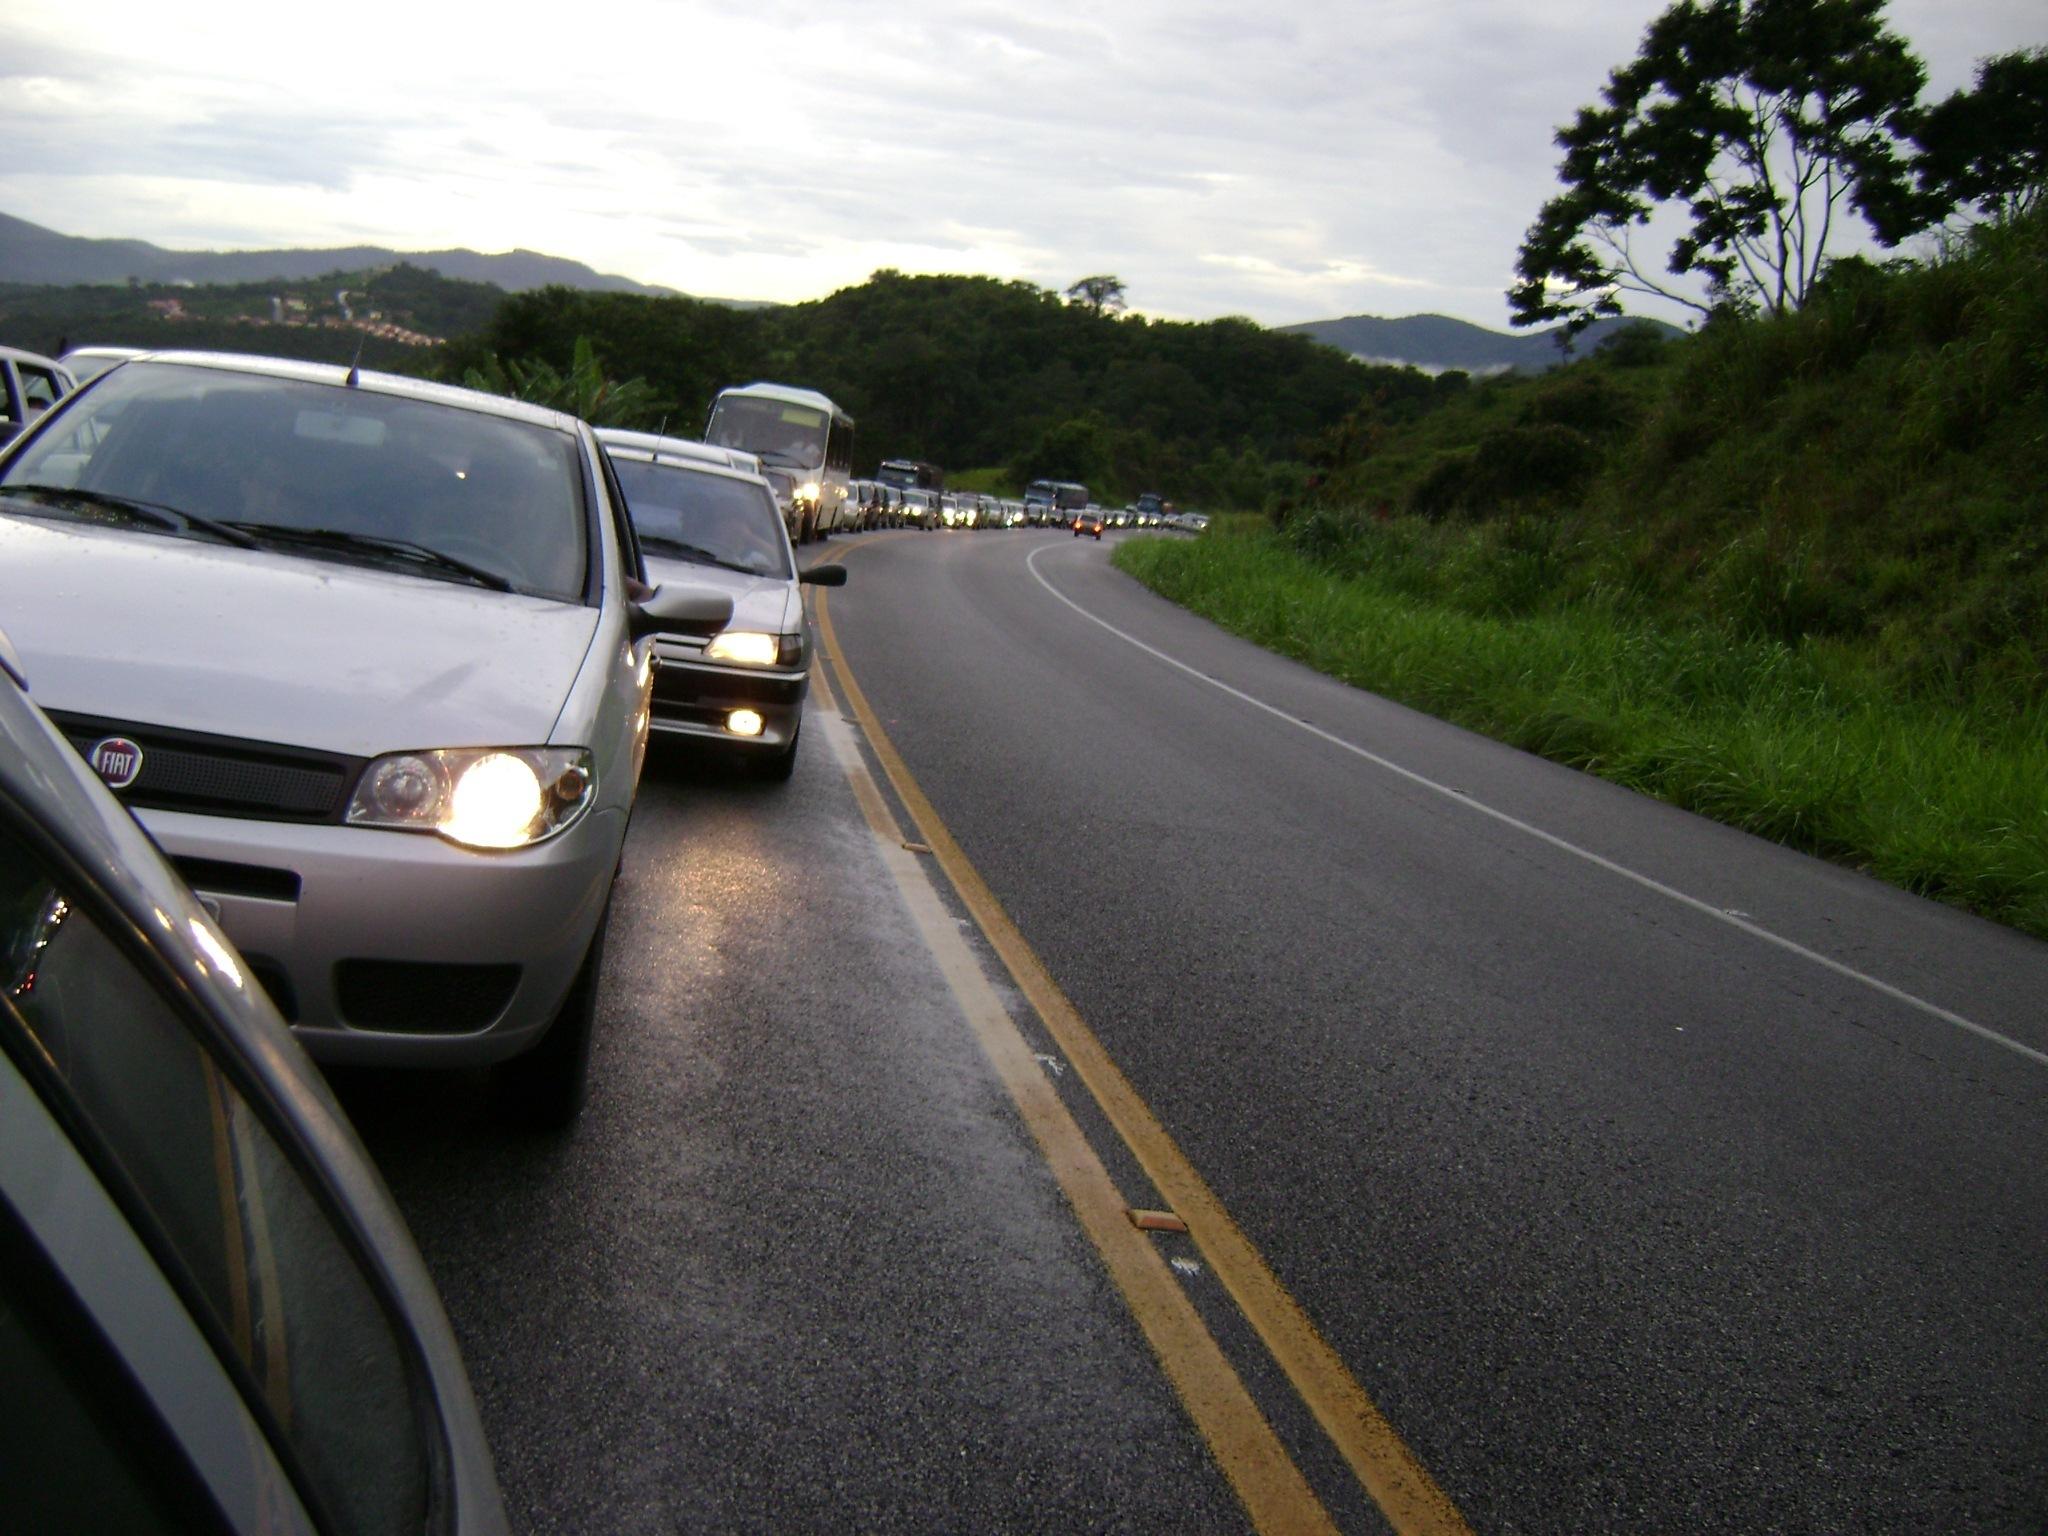 Usar farol baixo de dia passa a ser obrigatório em rodovias